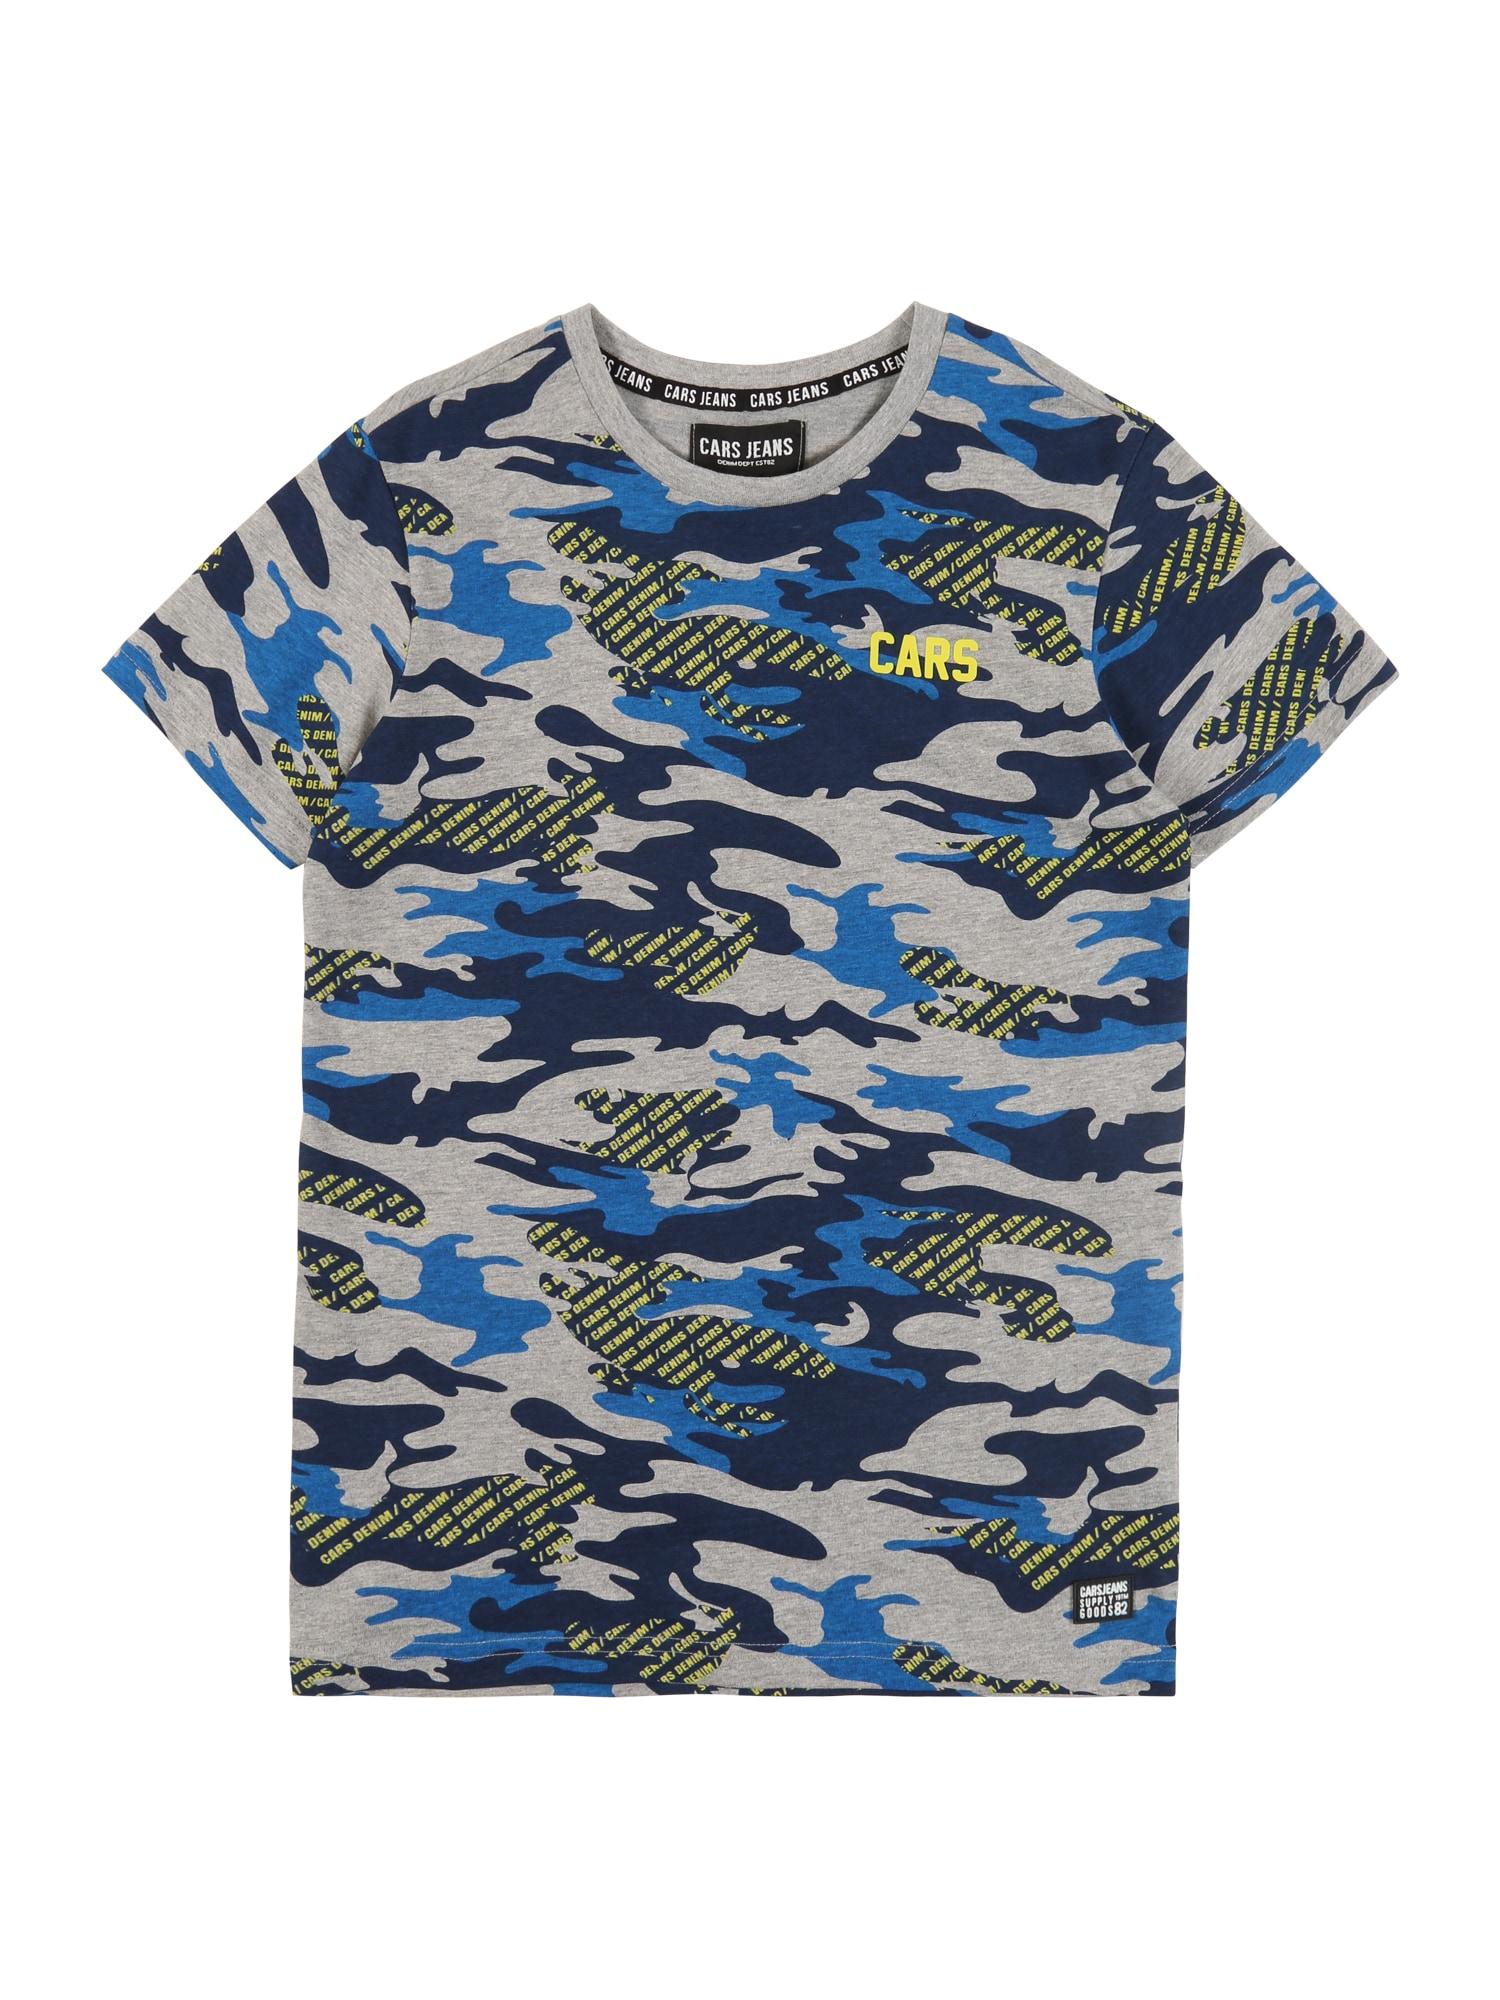 Cars Jeans Marškinėliai pilka / mėlyna